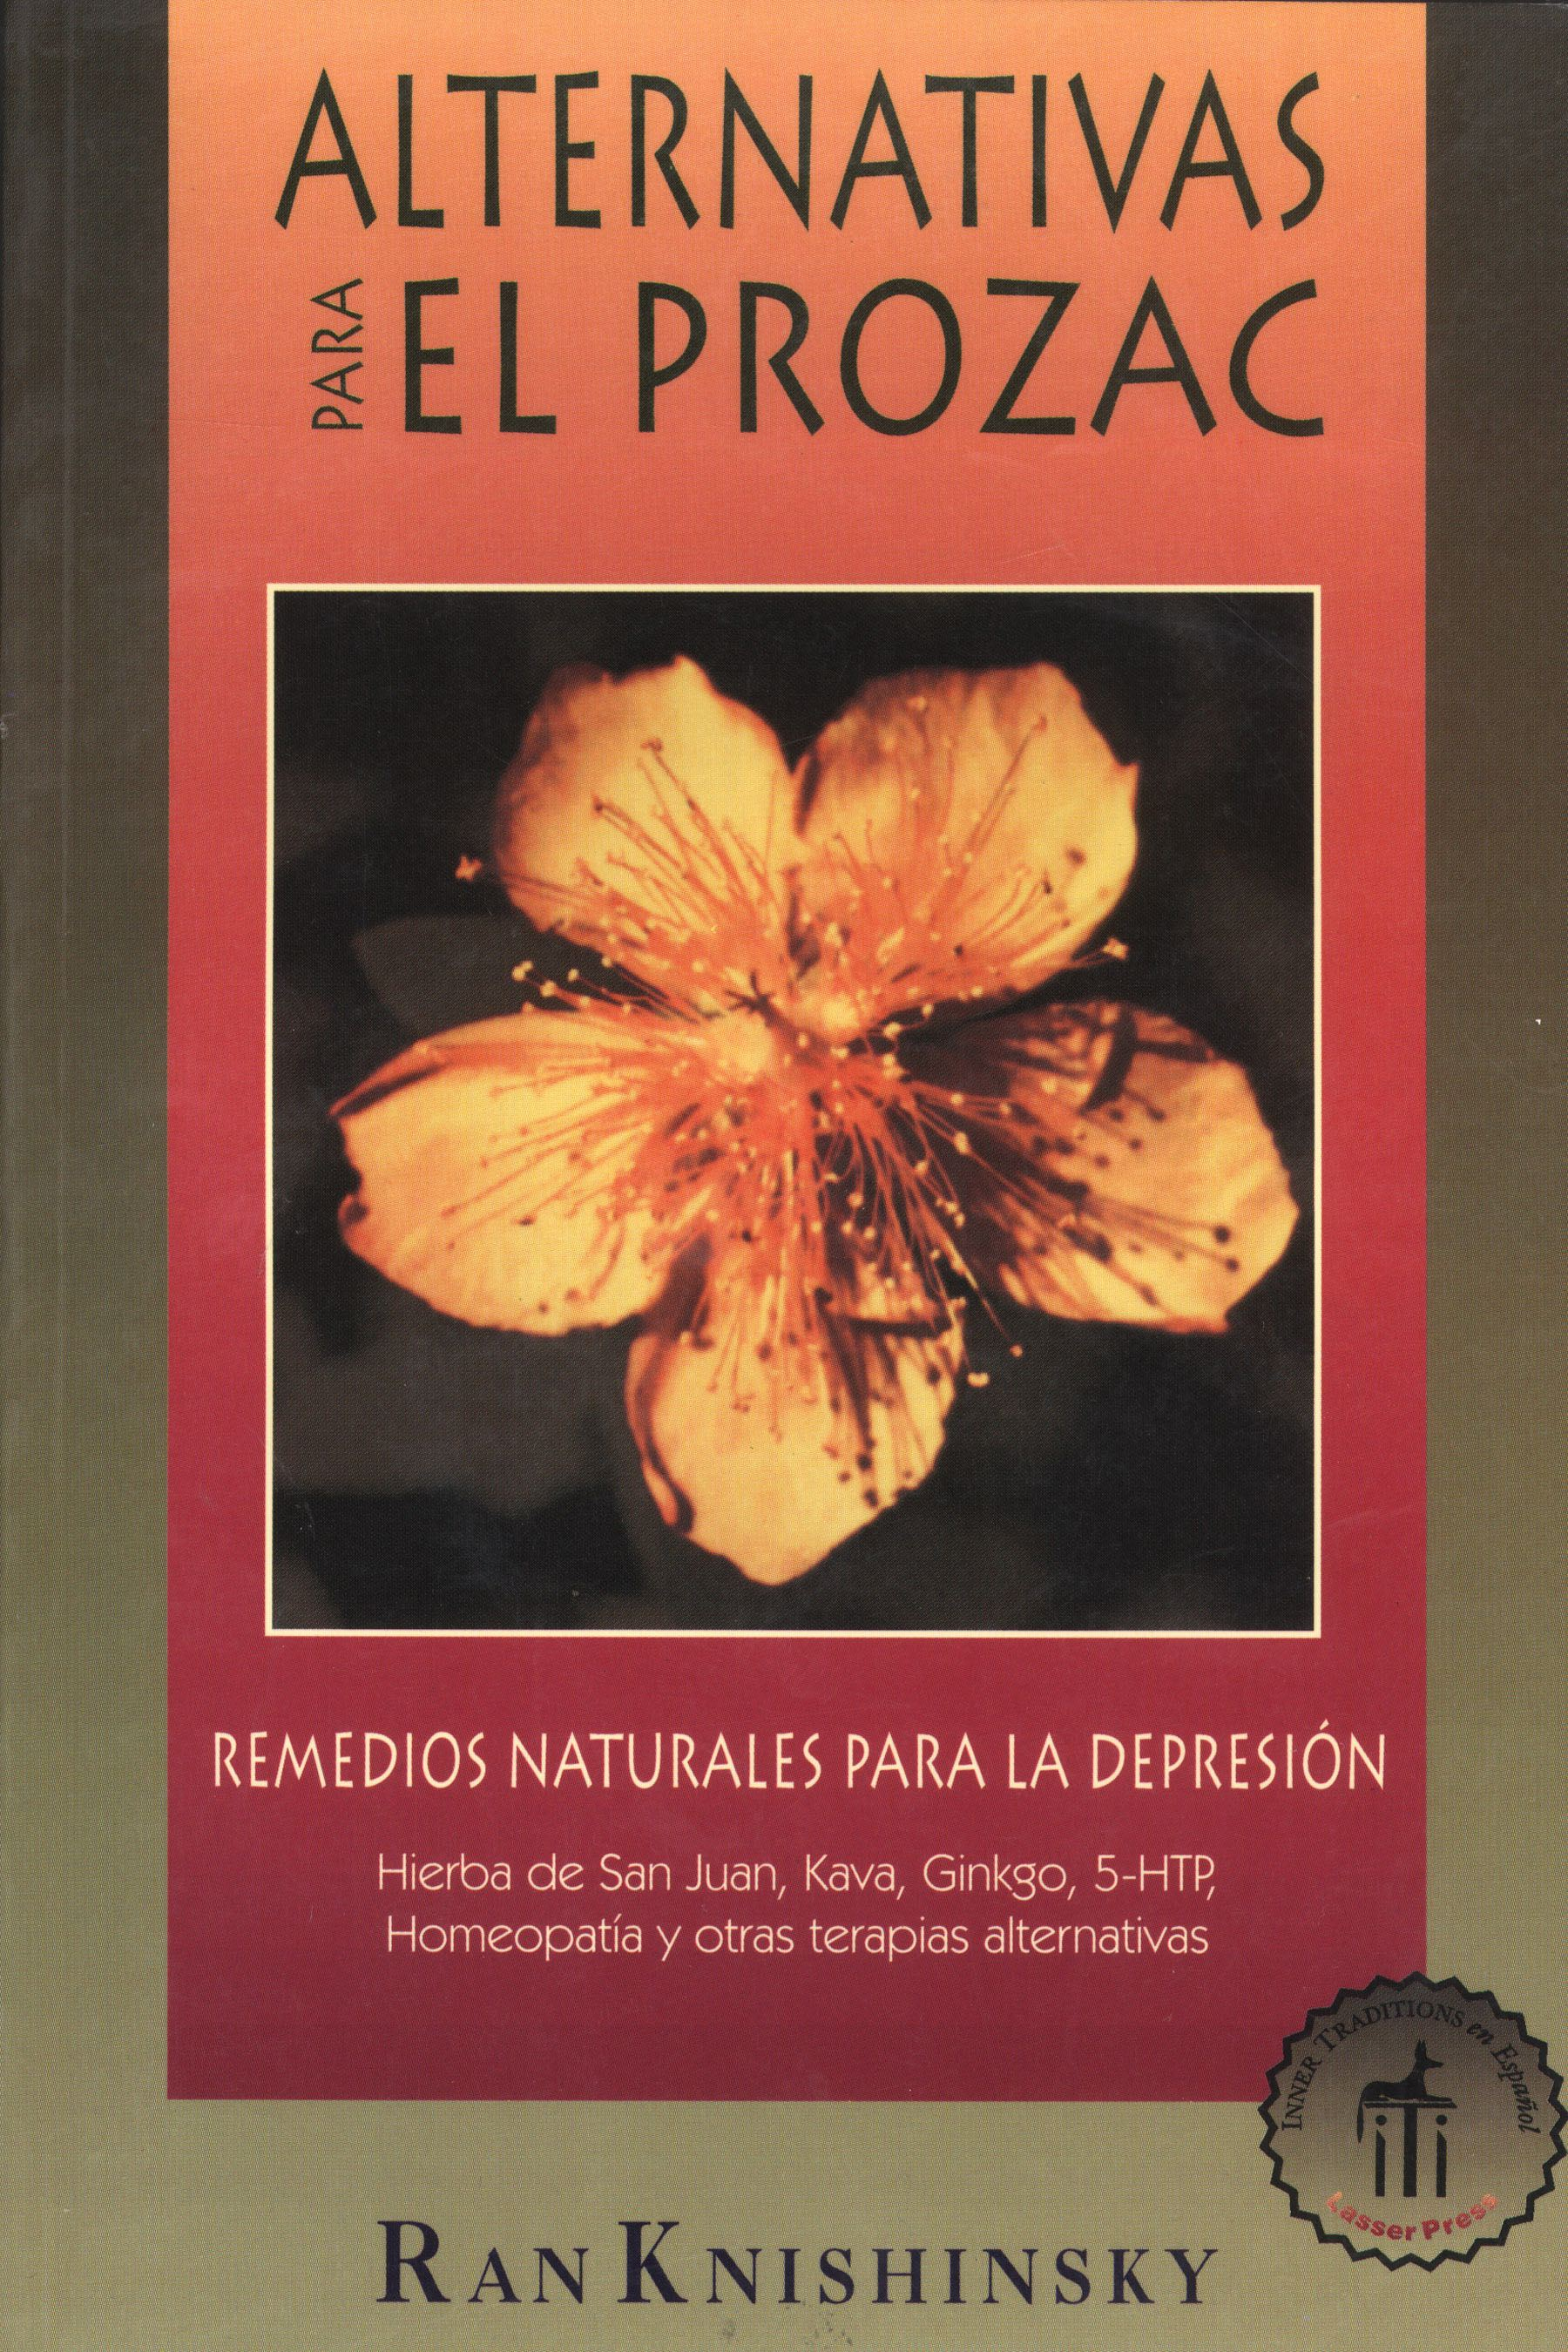 Alternativas para el prozac 9780892815913 hr